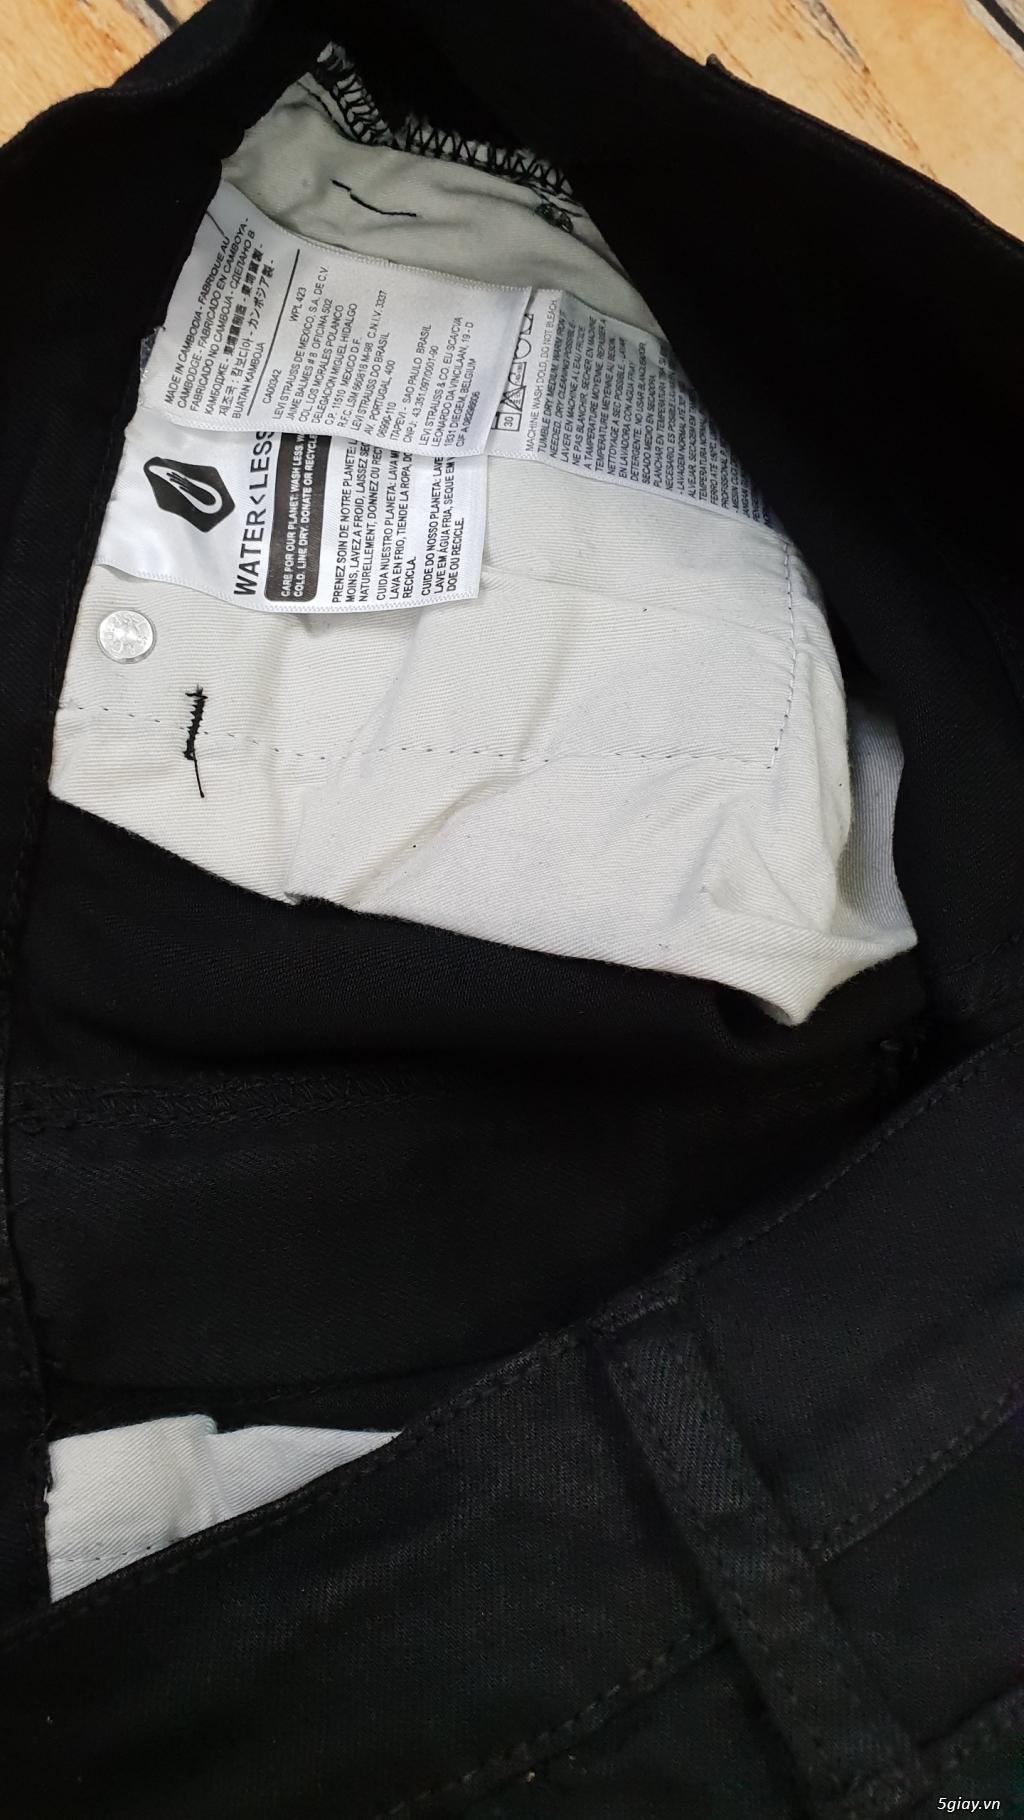 Chuyên bán quần jeans Nam Levi's 511 dáng xuông đủ màu đủ size - 7